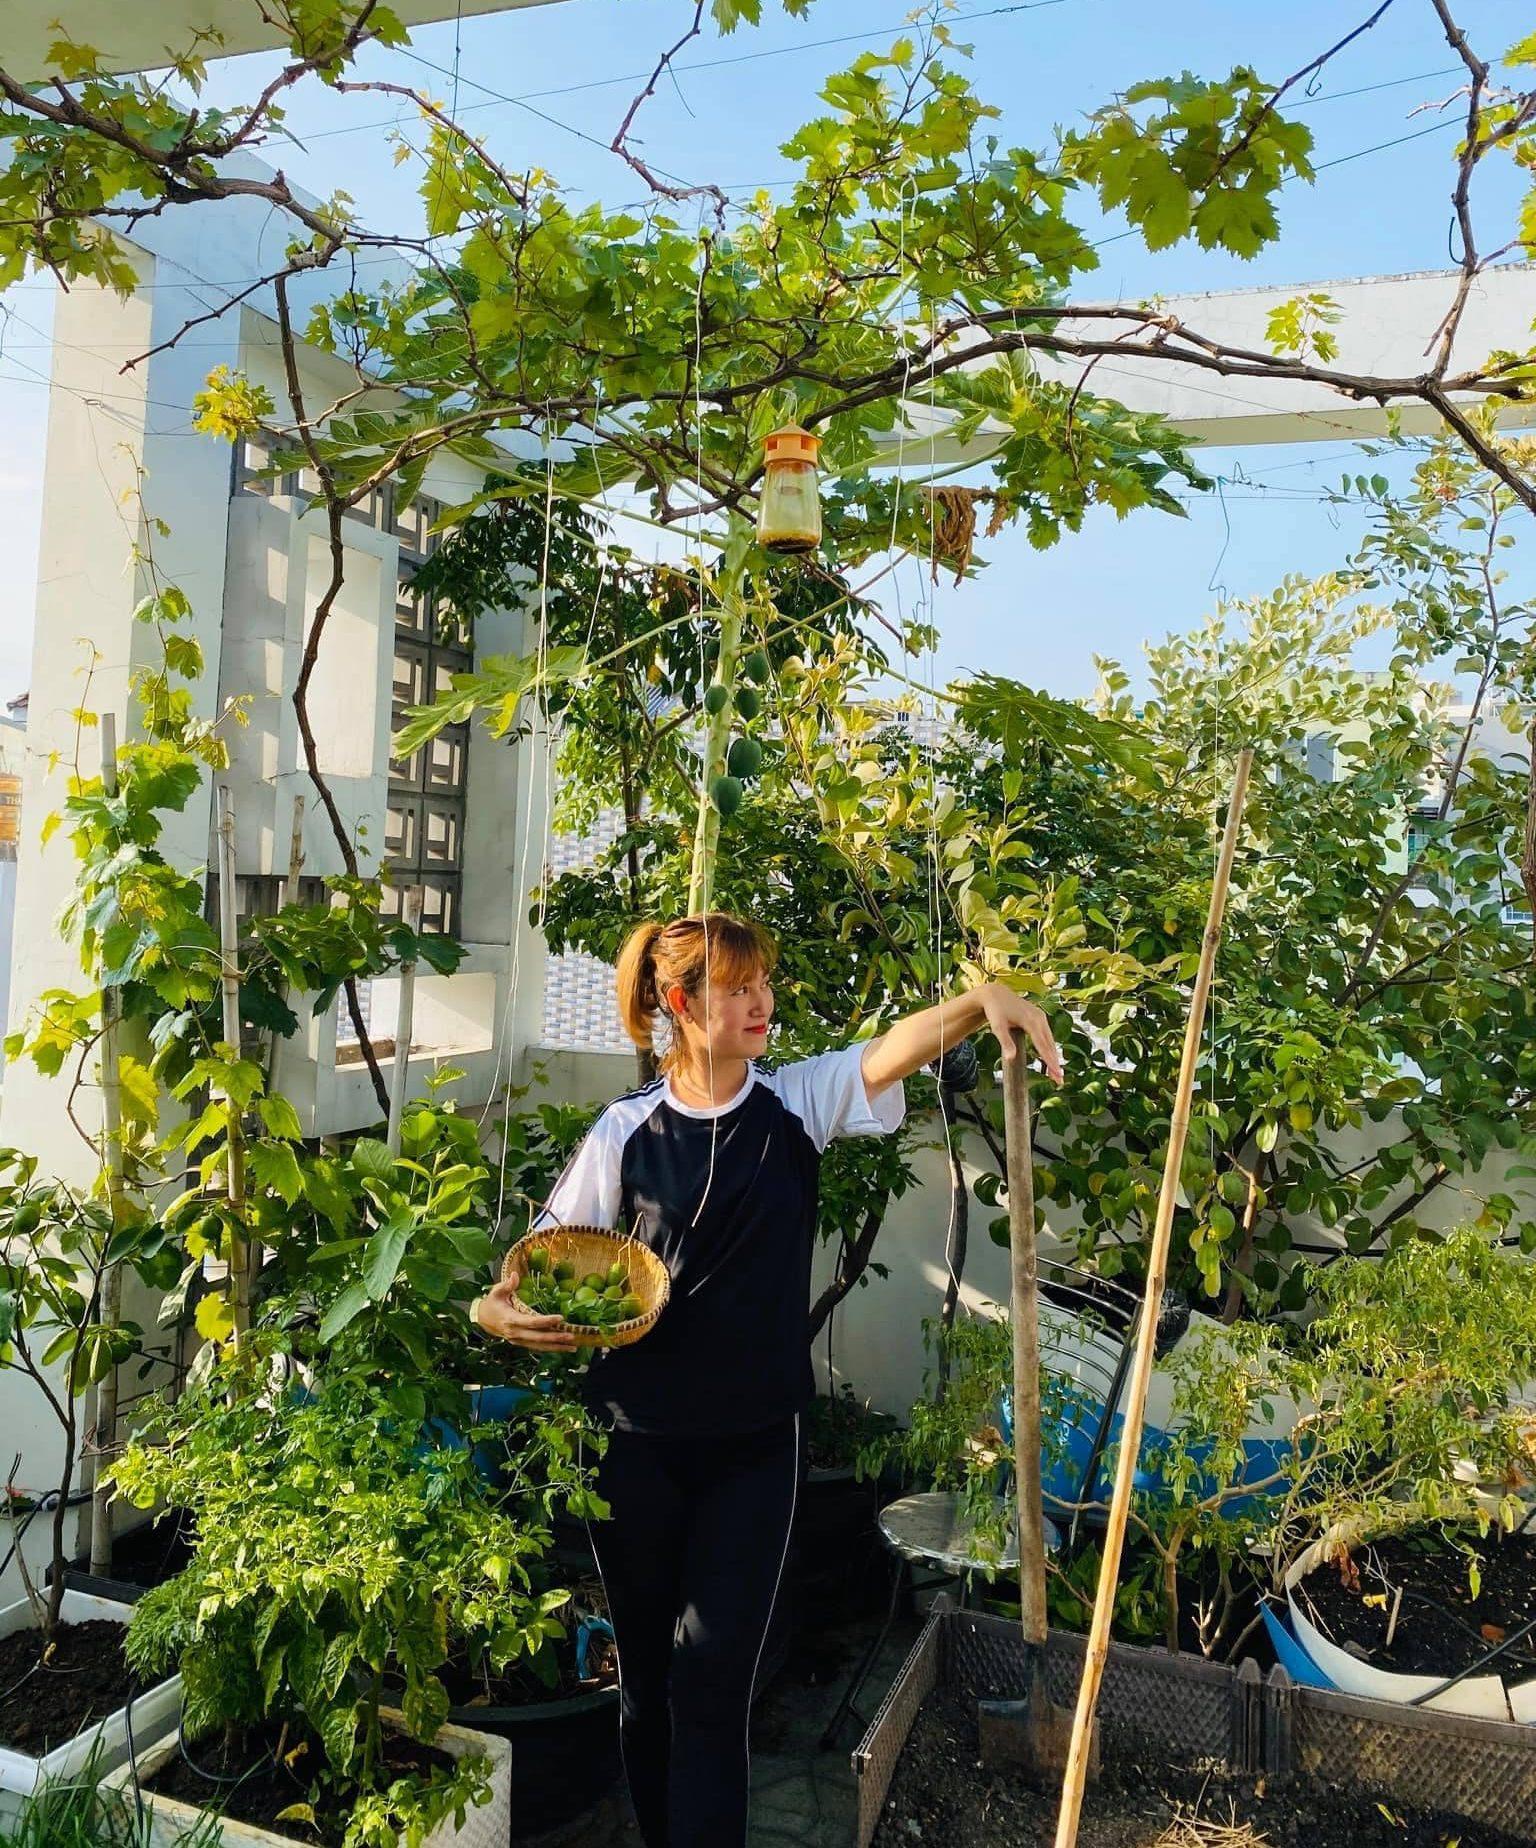 chăm sóc khu vườn trên sân thượng